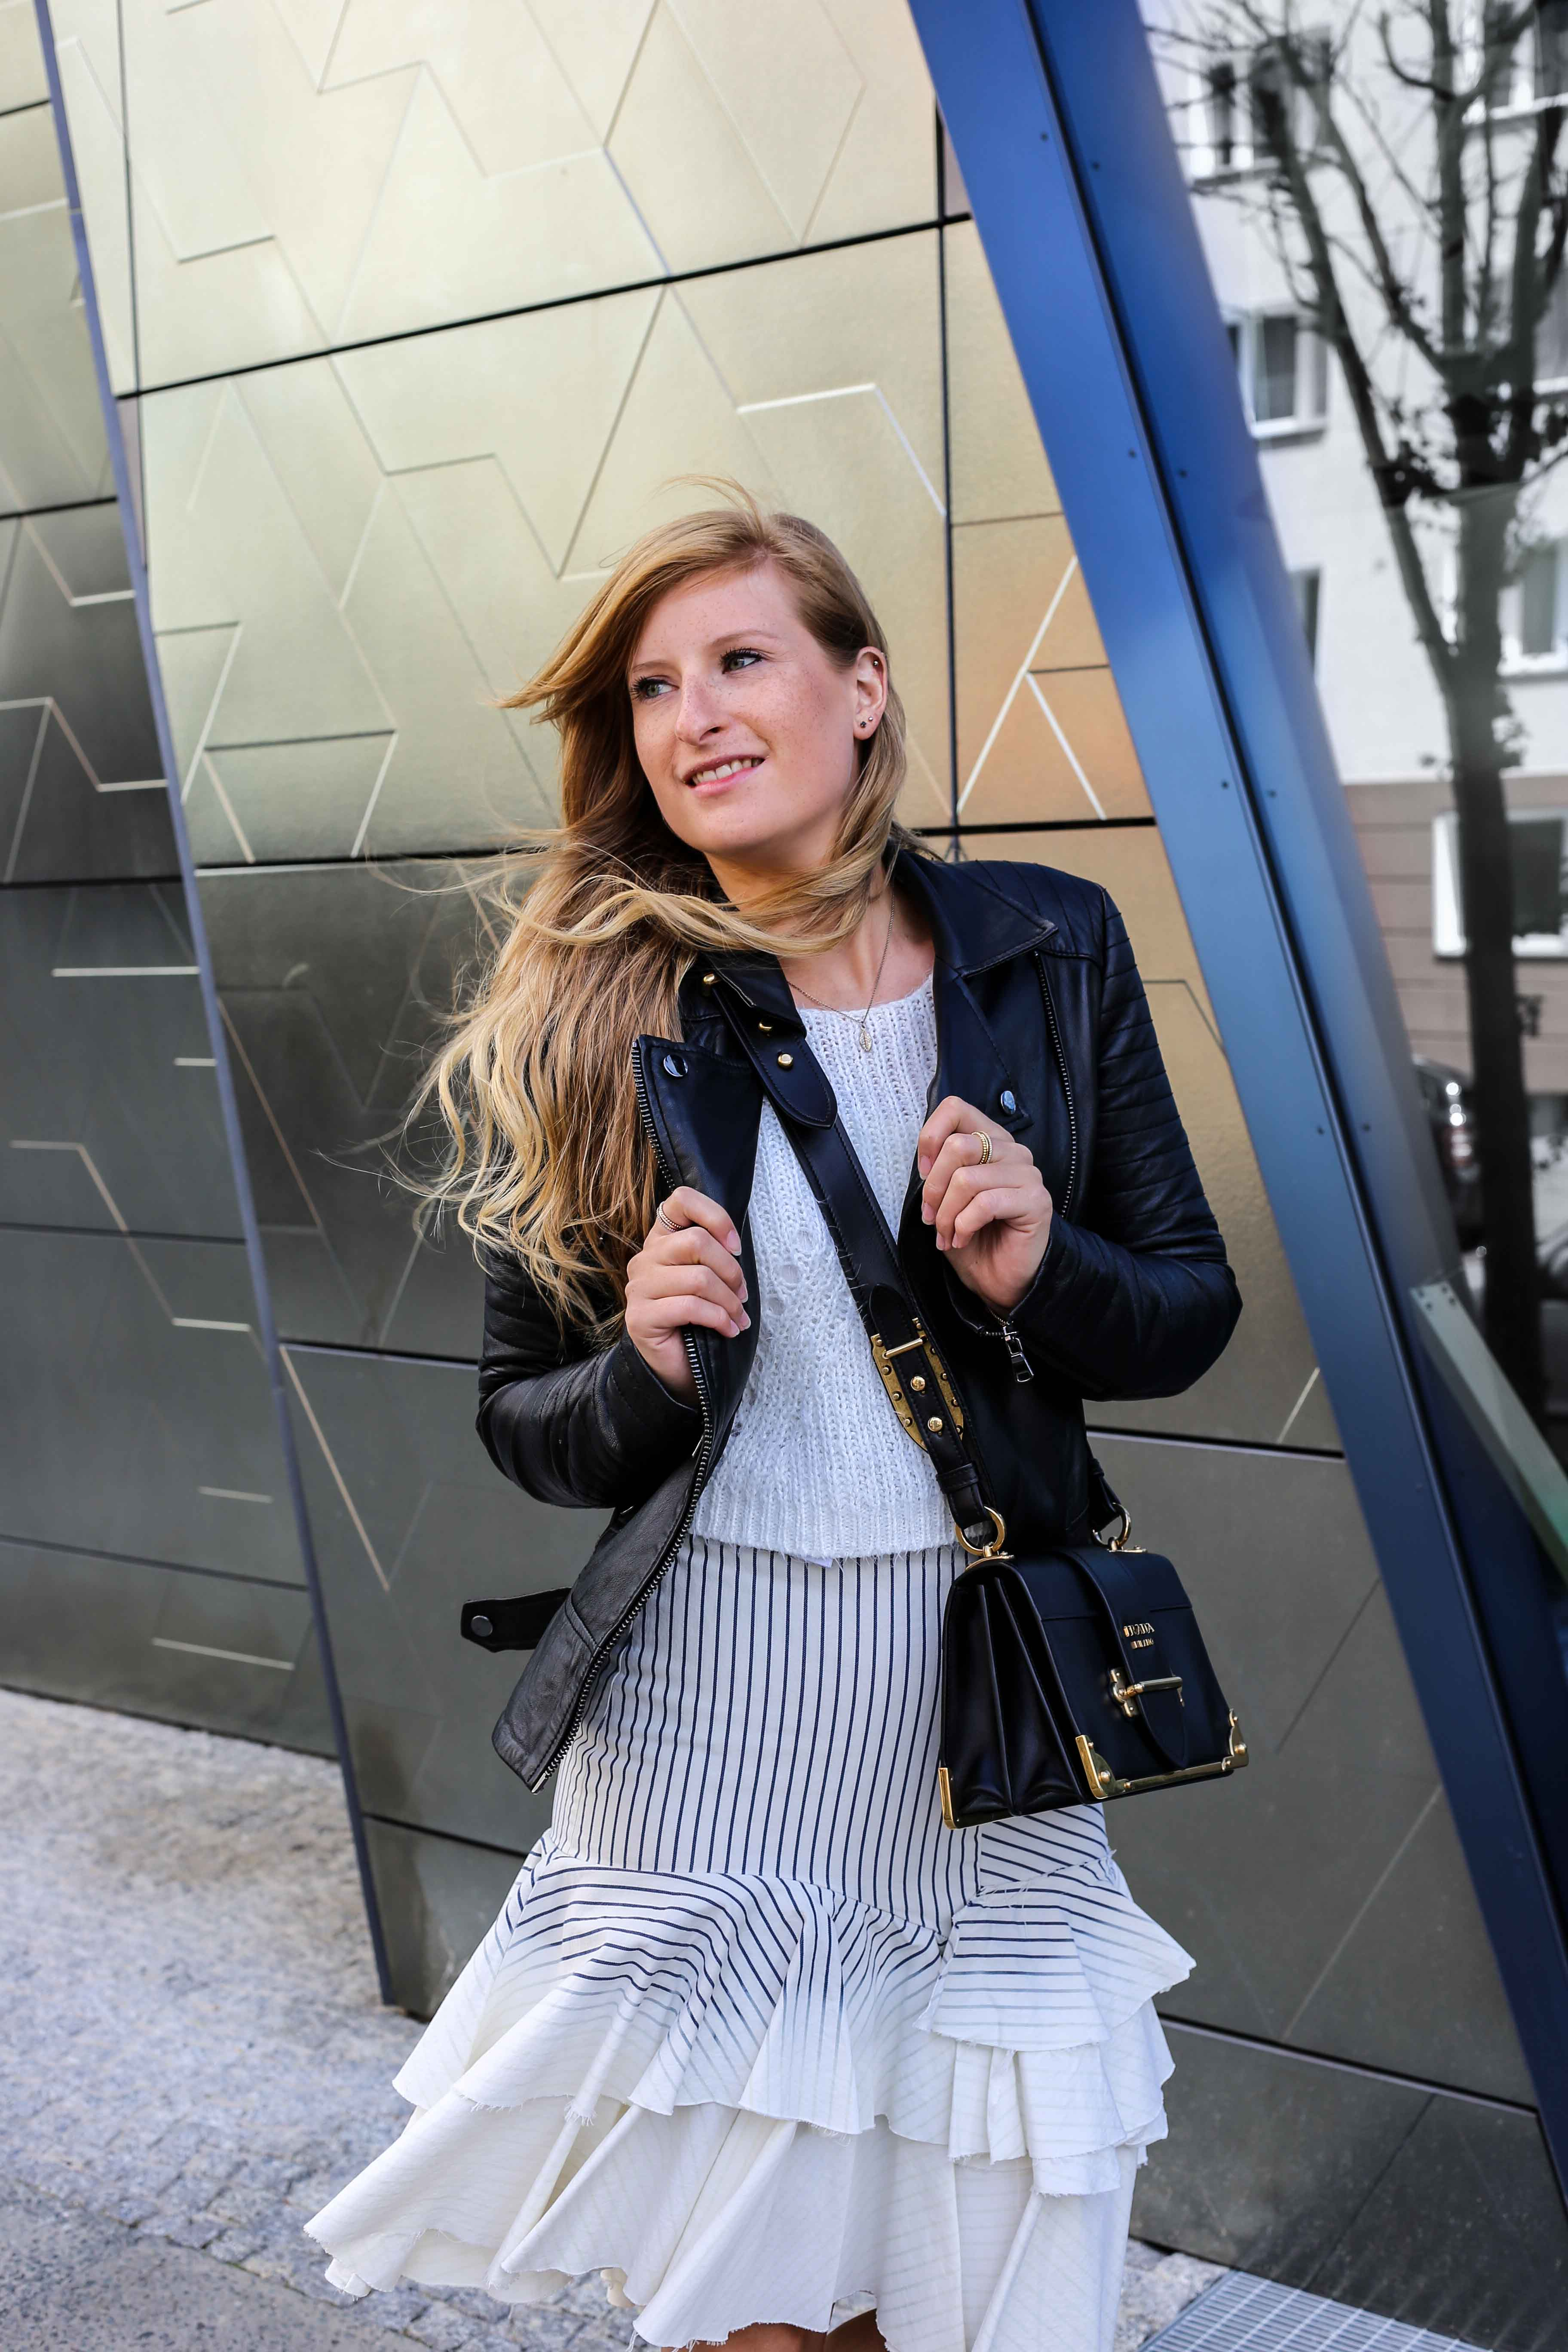 Fashion Week Outfit Berlin Asymmetrischer Jeansrock Streifen Zara Crop Top Mules Lederjacke Streetstyle Modeblog 3